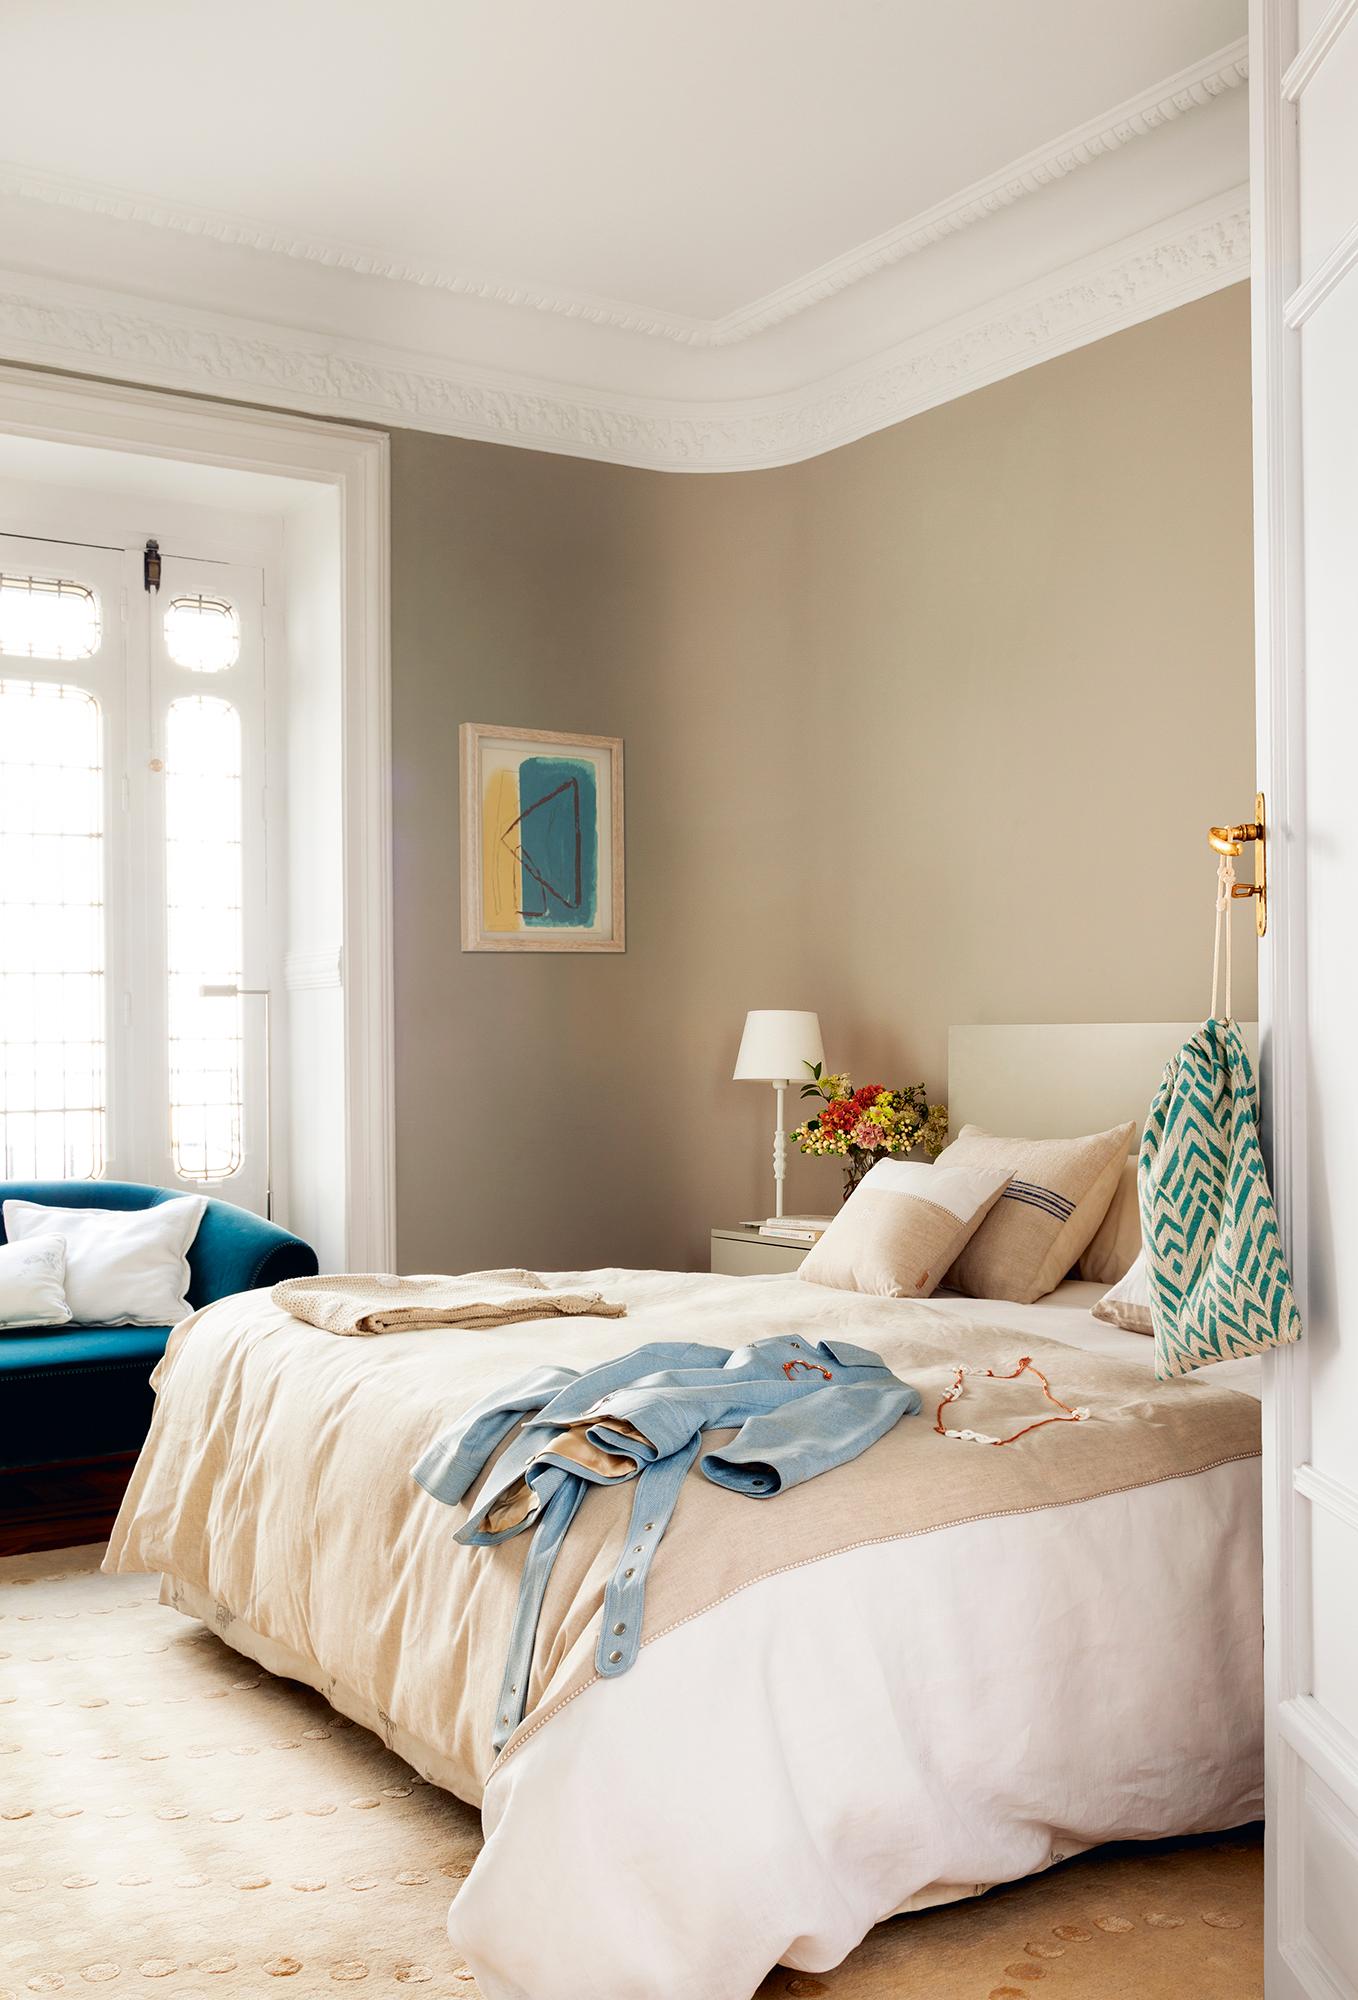 3176 Fotos de Dormitorios